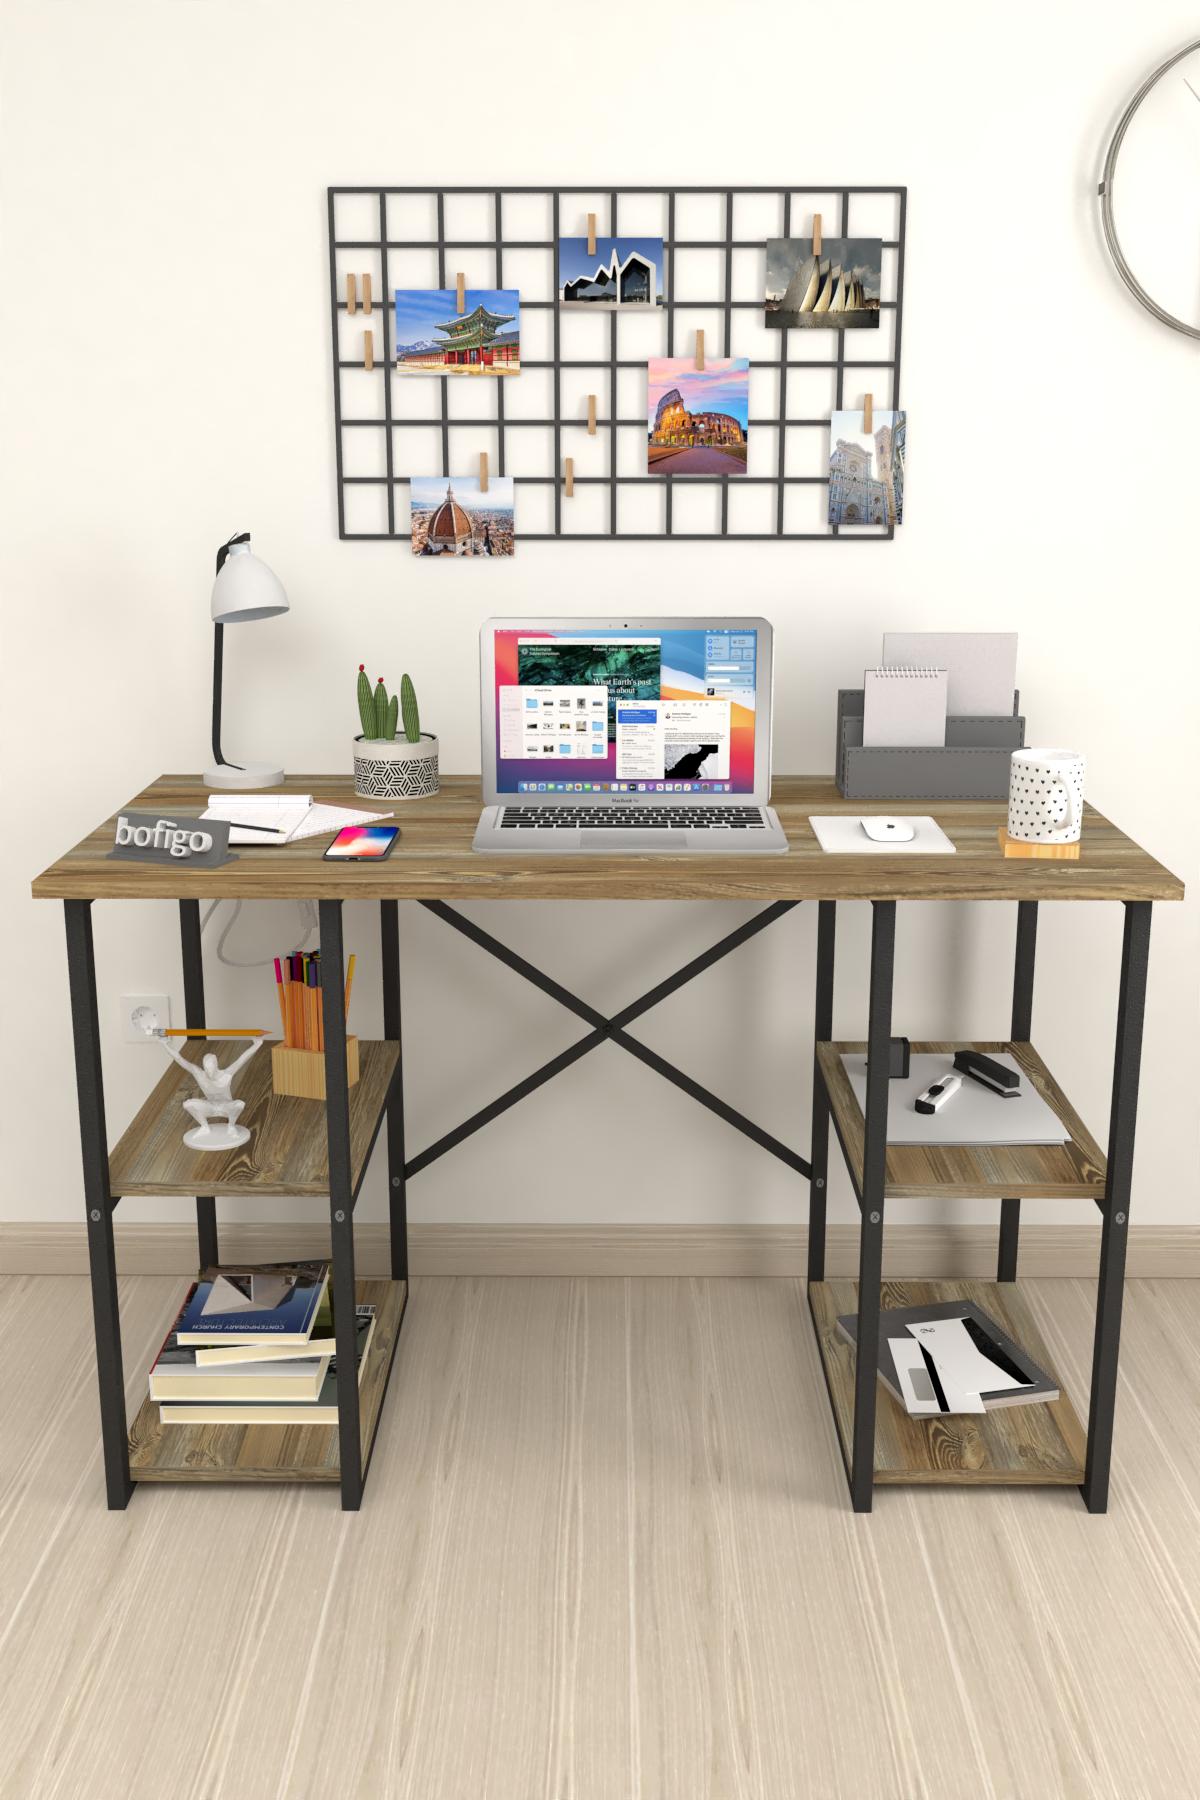 Bofigo 4 Raflı Çalışma Masası 60x120 cm Patik